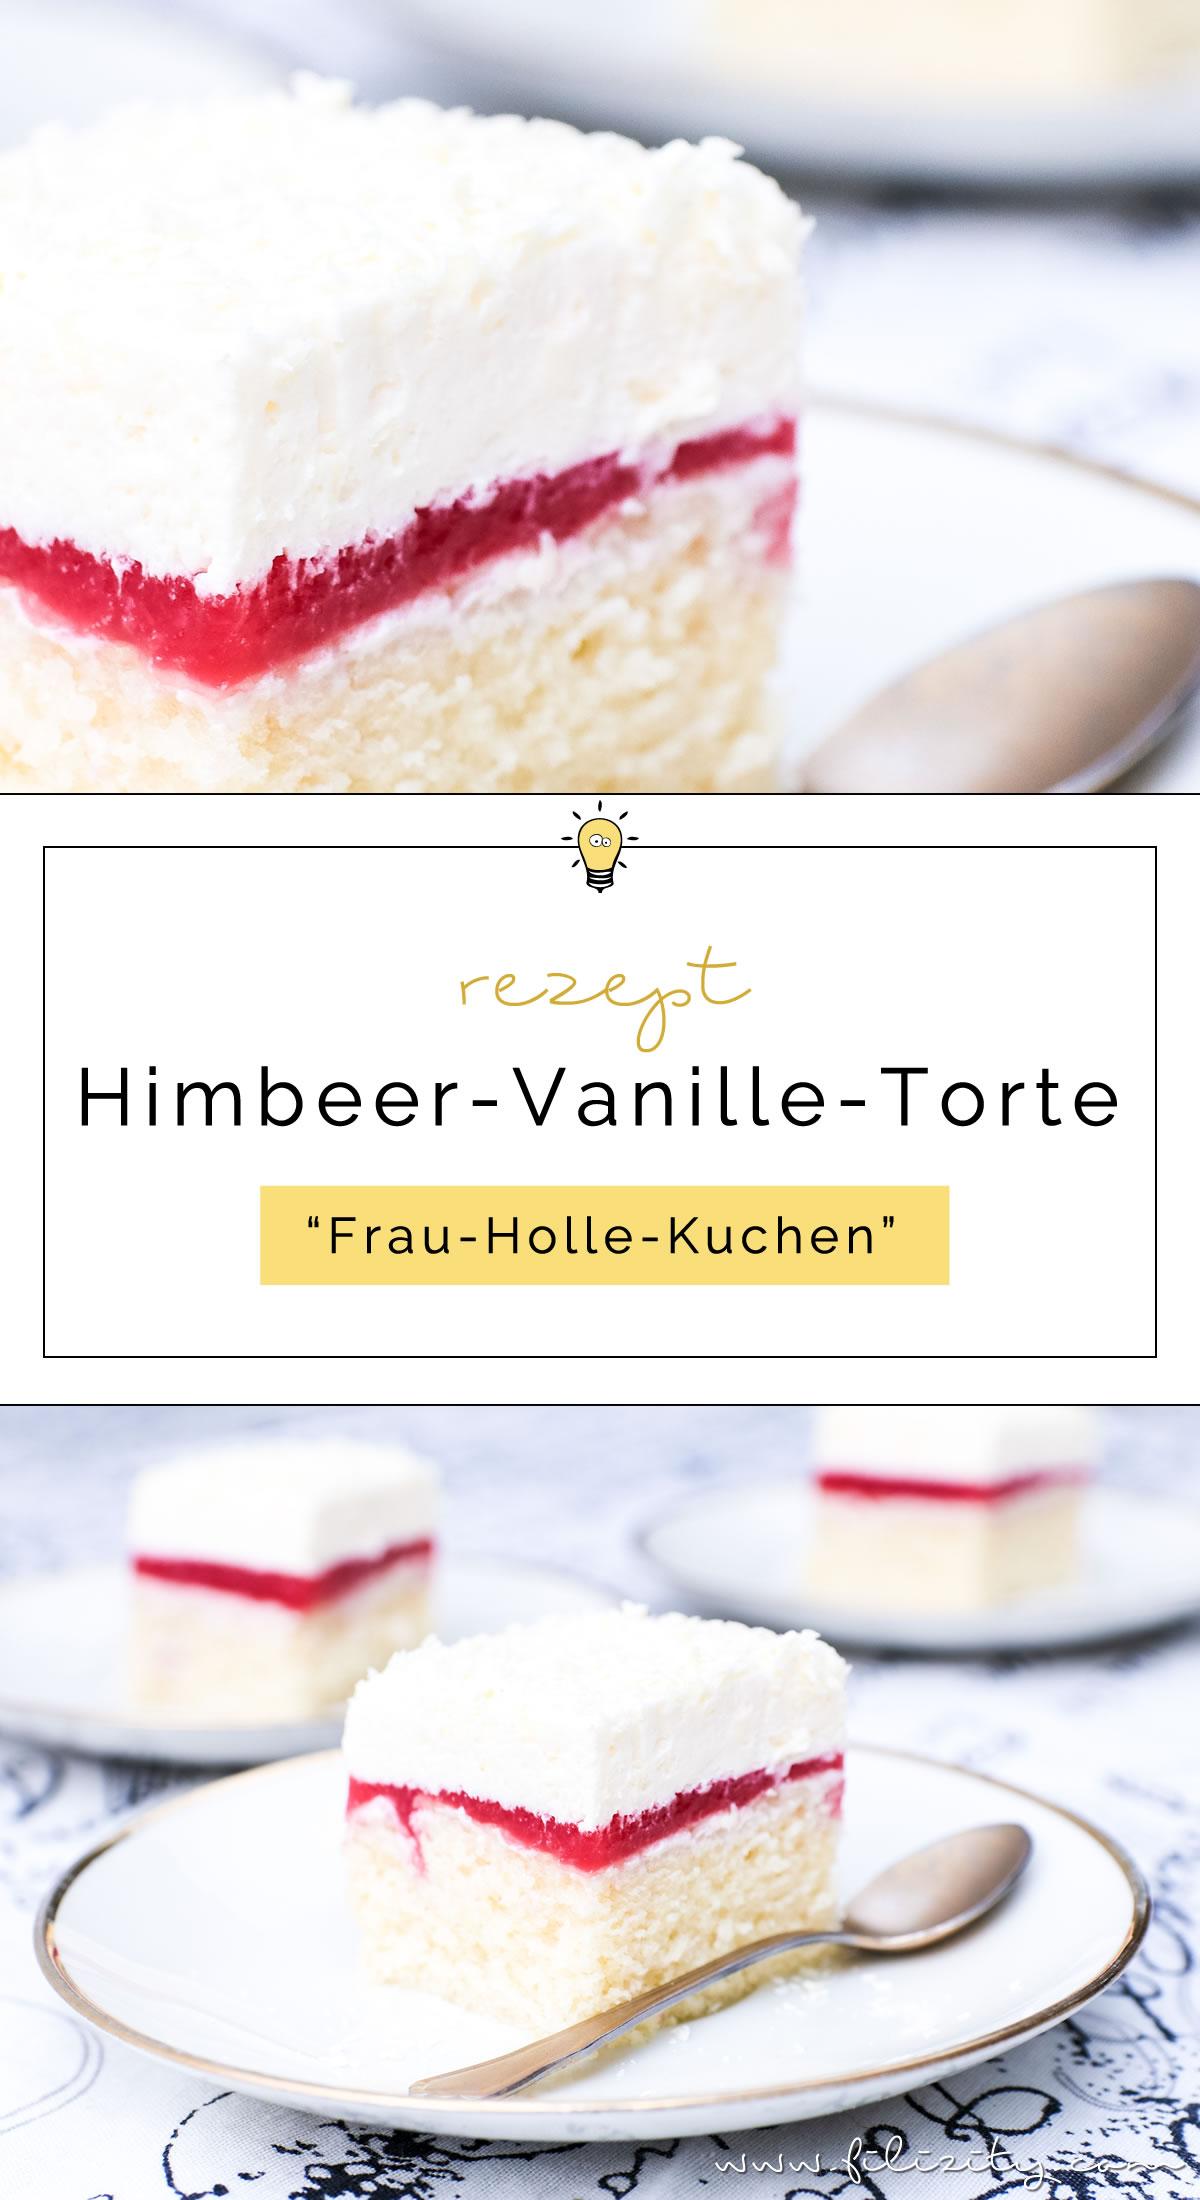 Rezept für Himbeer-Vanille-Torte (Frau Holle Kuchen) | Einfacher Blechkuchen | Filizity.com | Food-Blog aus dem Rheinland #torte #kuchen